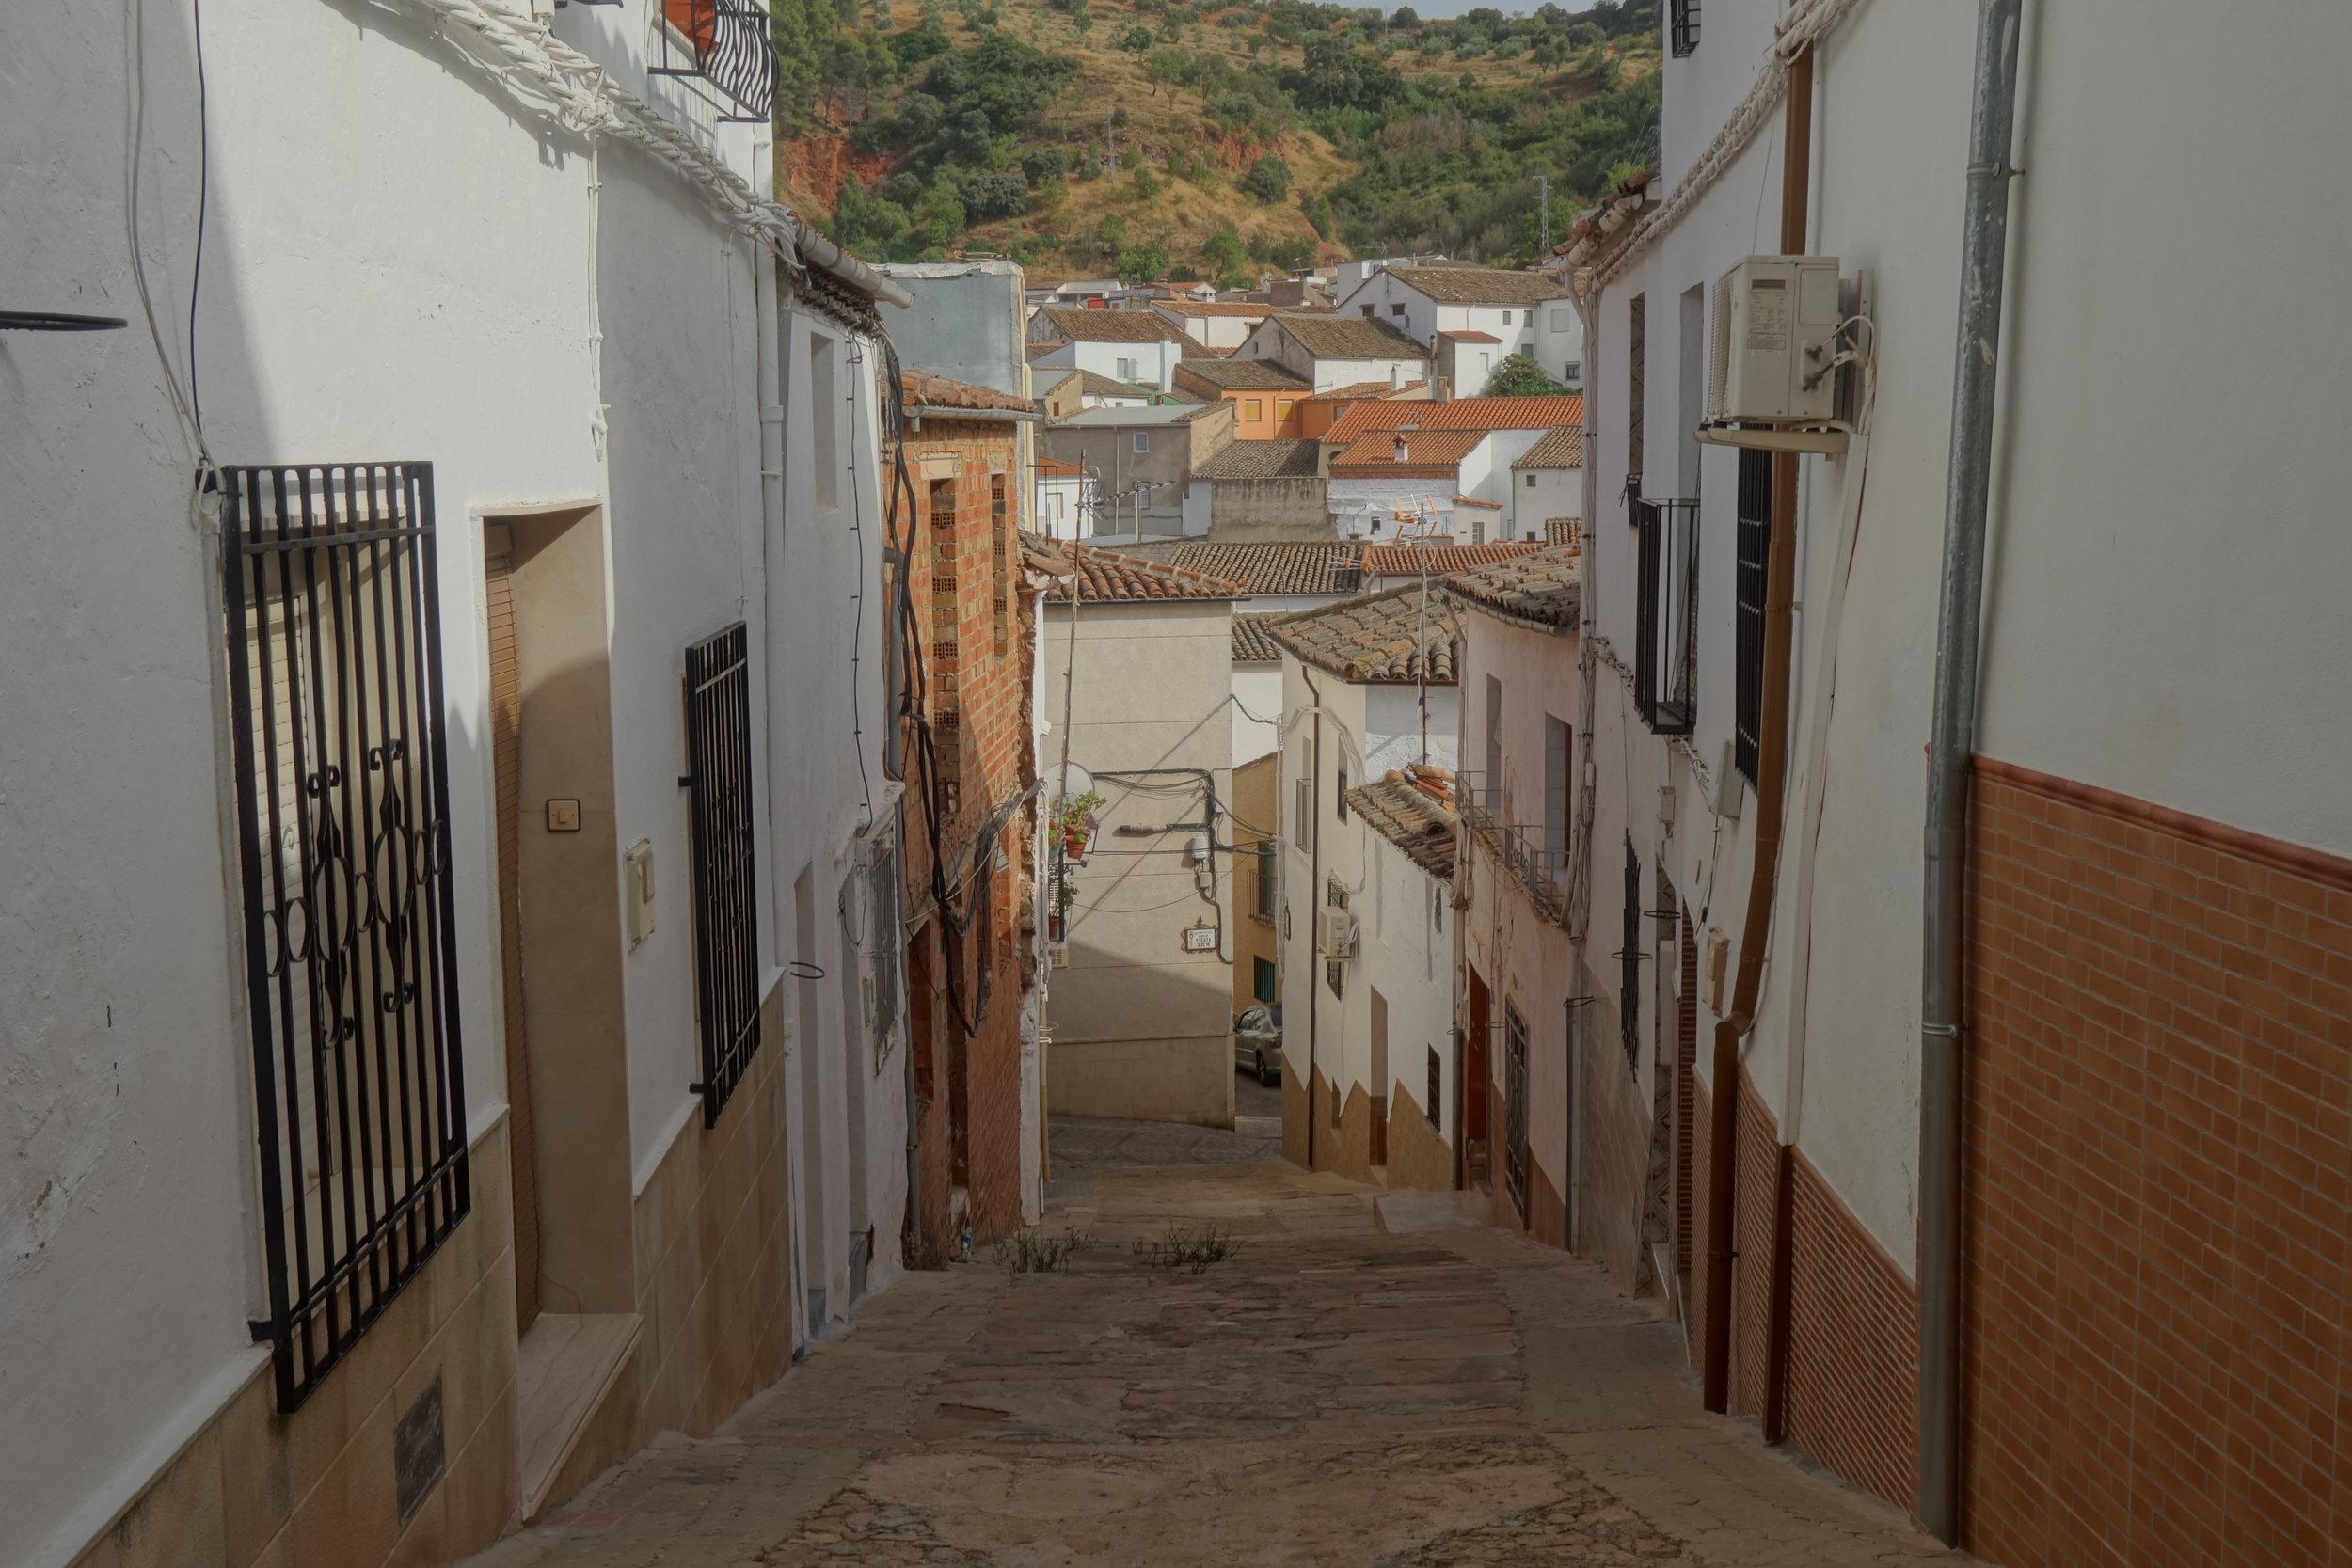 Qué ver en Santisteban del Puerto (Jaén) - Barrio de Farrabullana